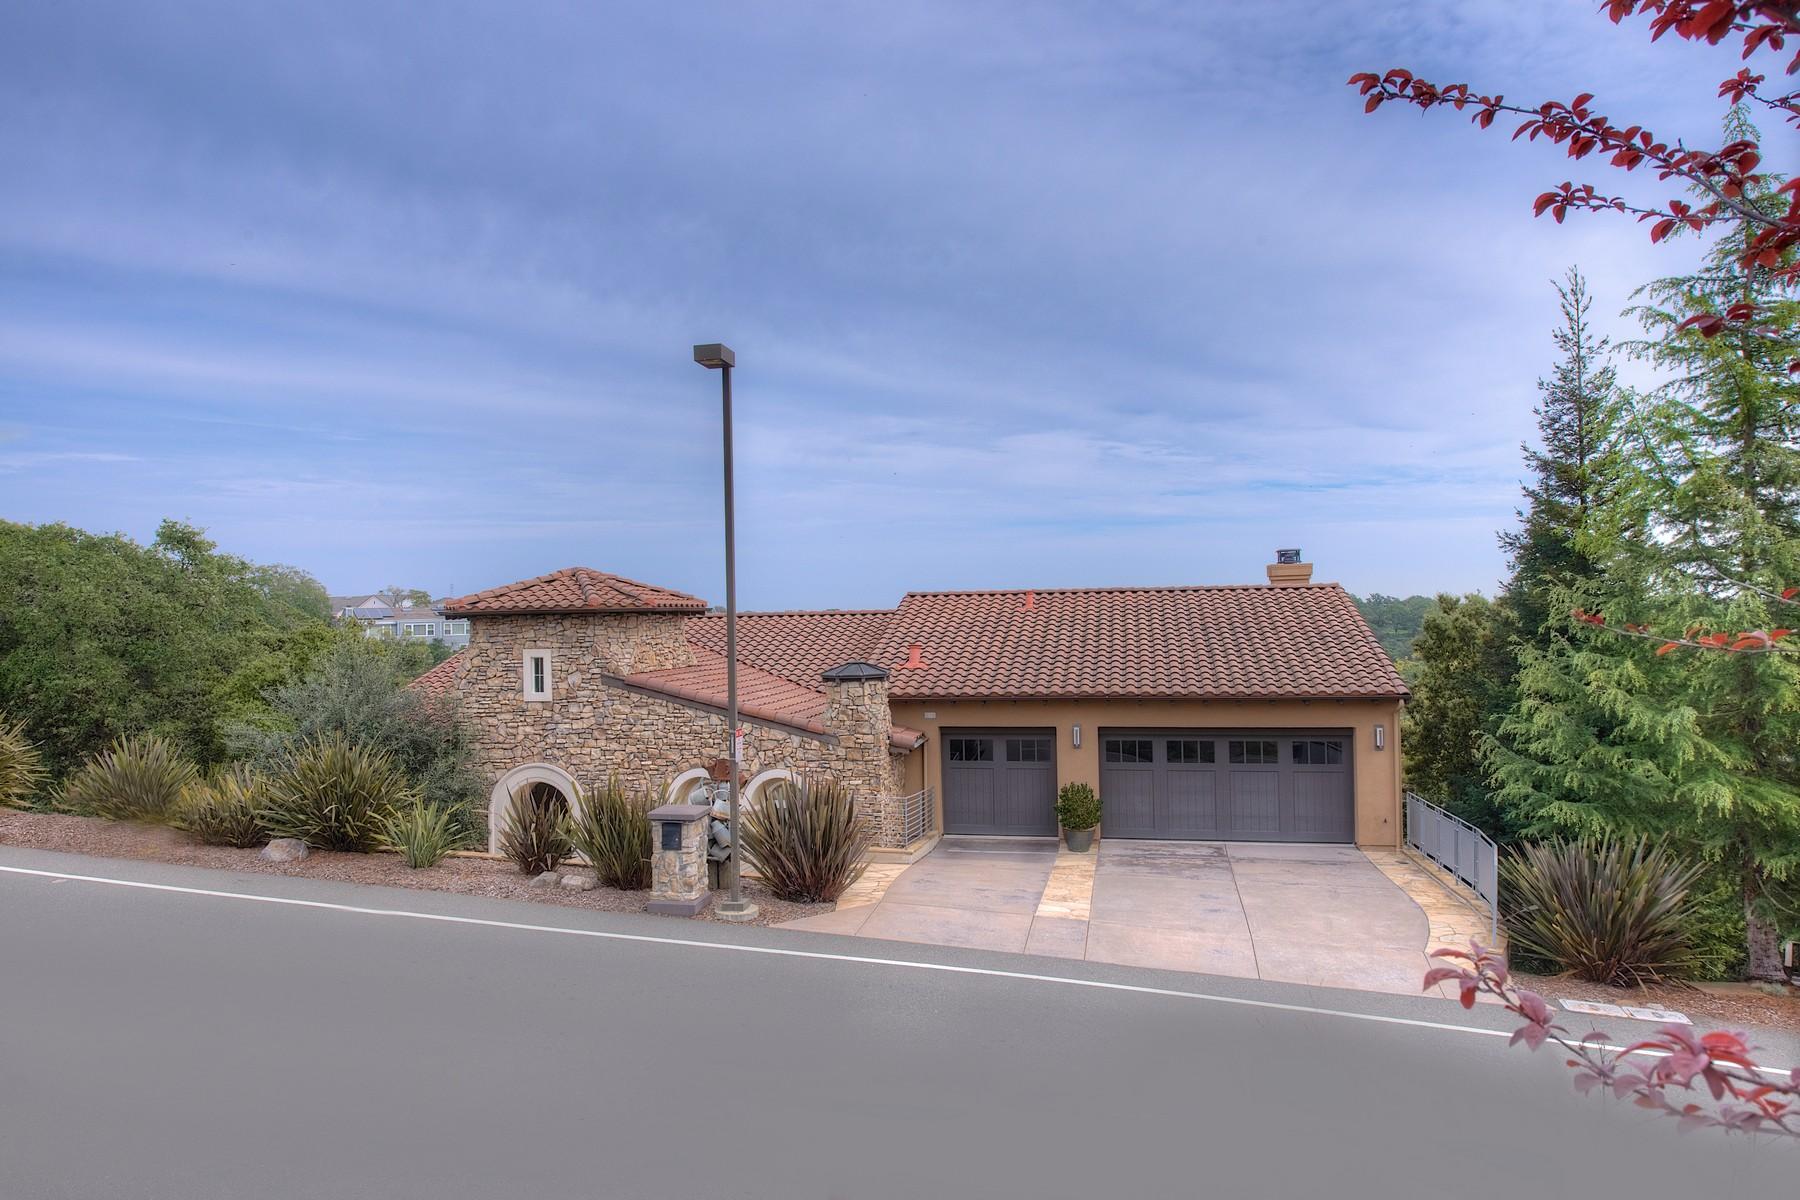 Einfamilienhaus für Verkauf beim Dazzling Contemporary Design 56 Stonetree Lane Novato, Kalifornien 94945 Vereinigte Staaten